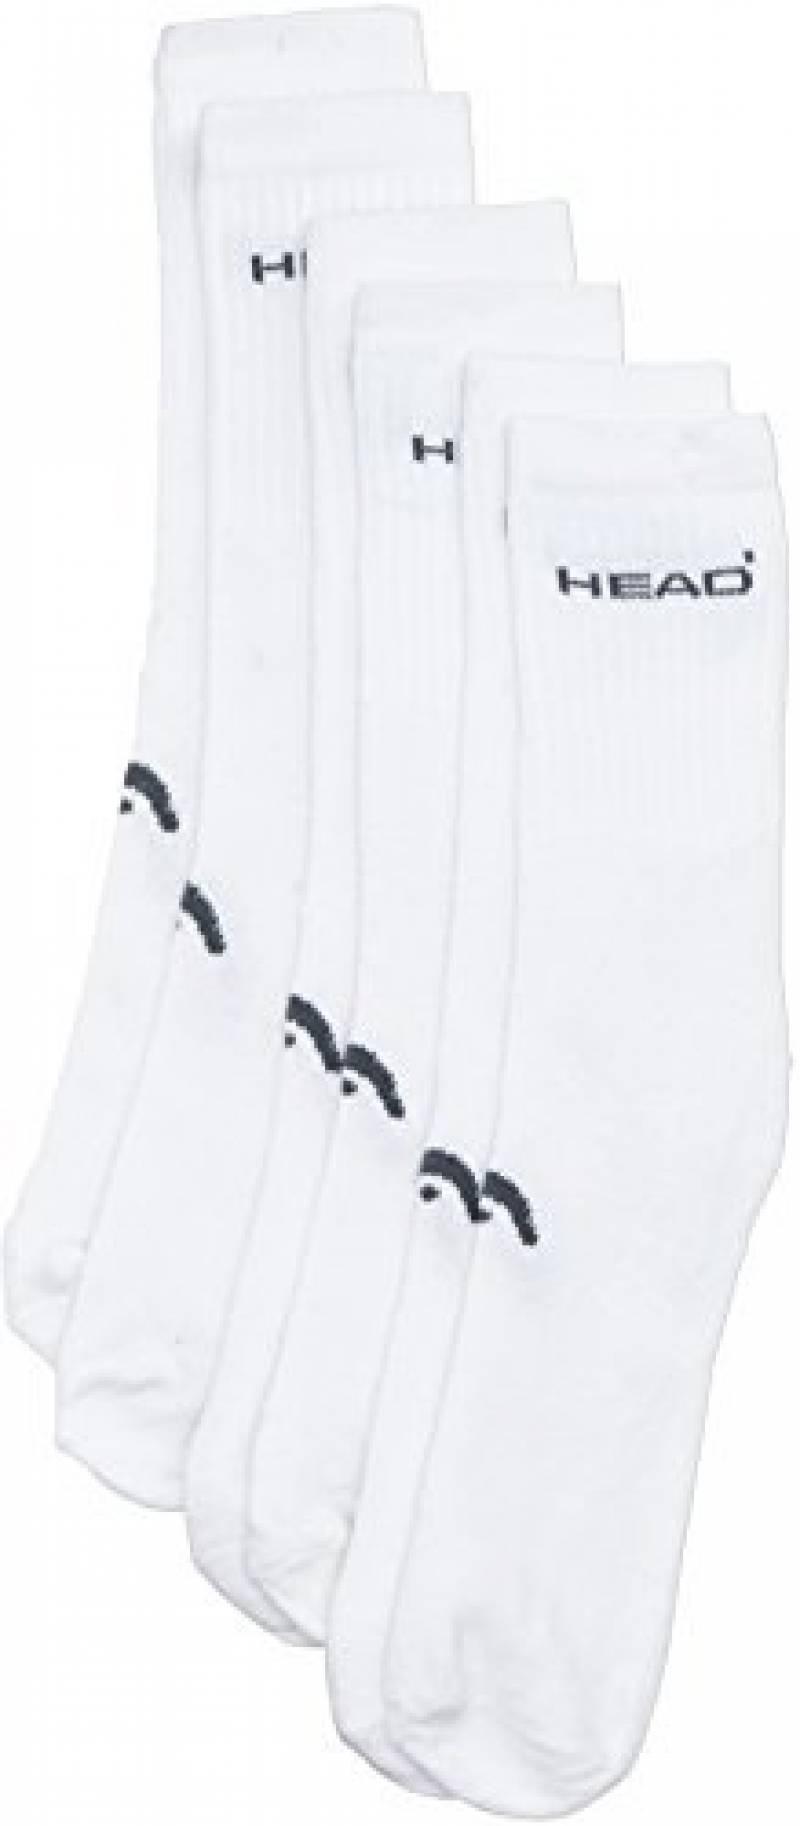 Head Instinct Chaussettes pour homme Blanc Taille 39-42 de la marque HEAD TOP 3 image 0 produit